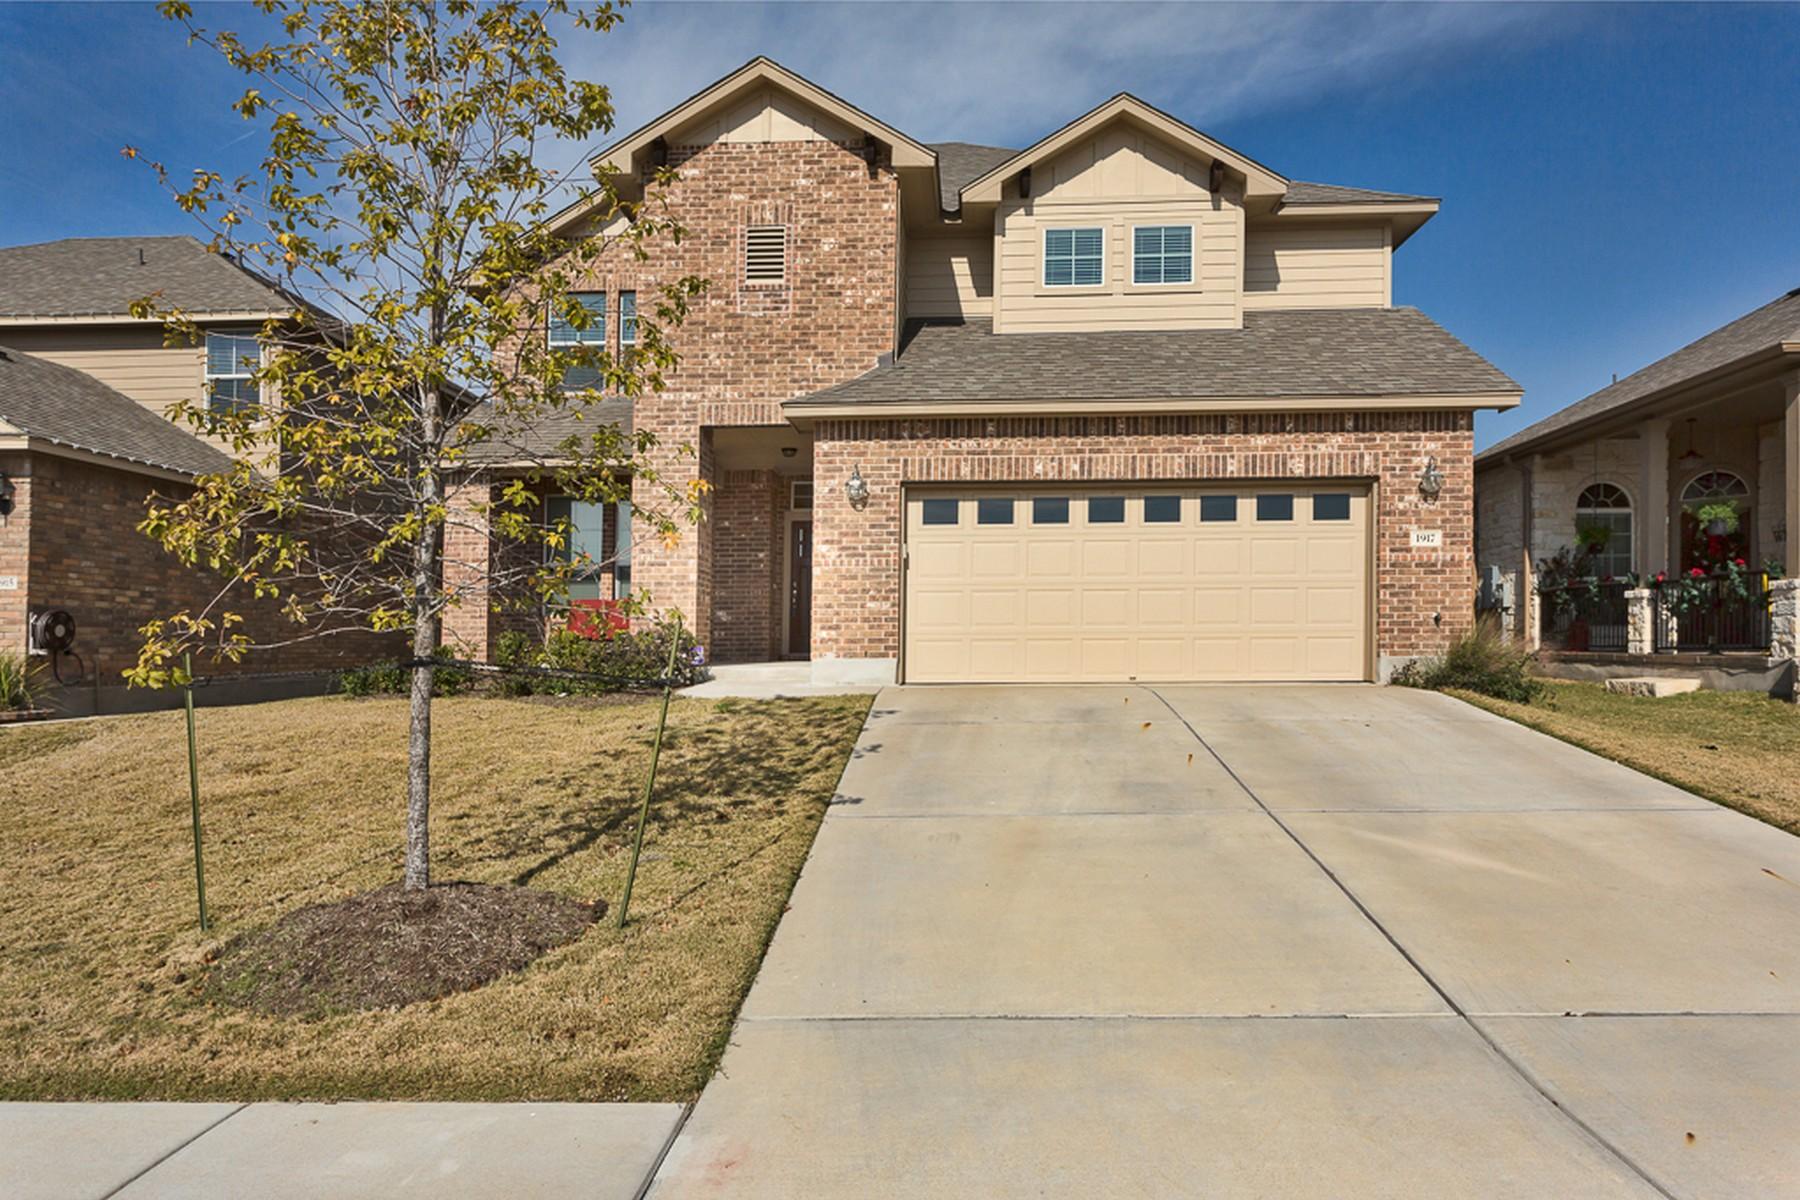 Casa Unifamiliar por un Alquiler en Amazing Home for Lease in a Fantastic Community 1917 Conn Creek Rd Cedar Park, Texas 78613 Estados Unidos